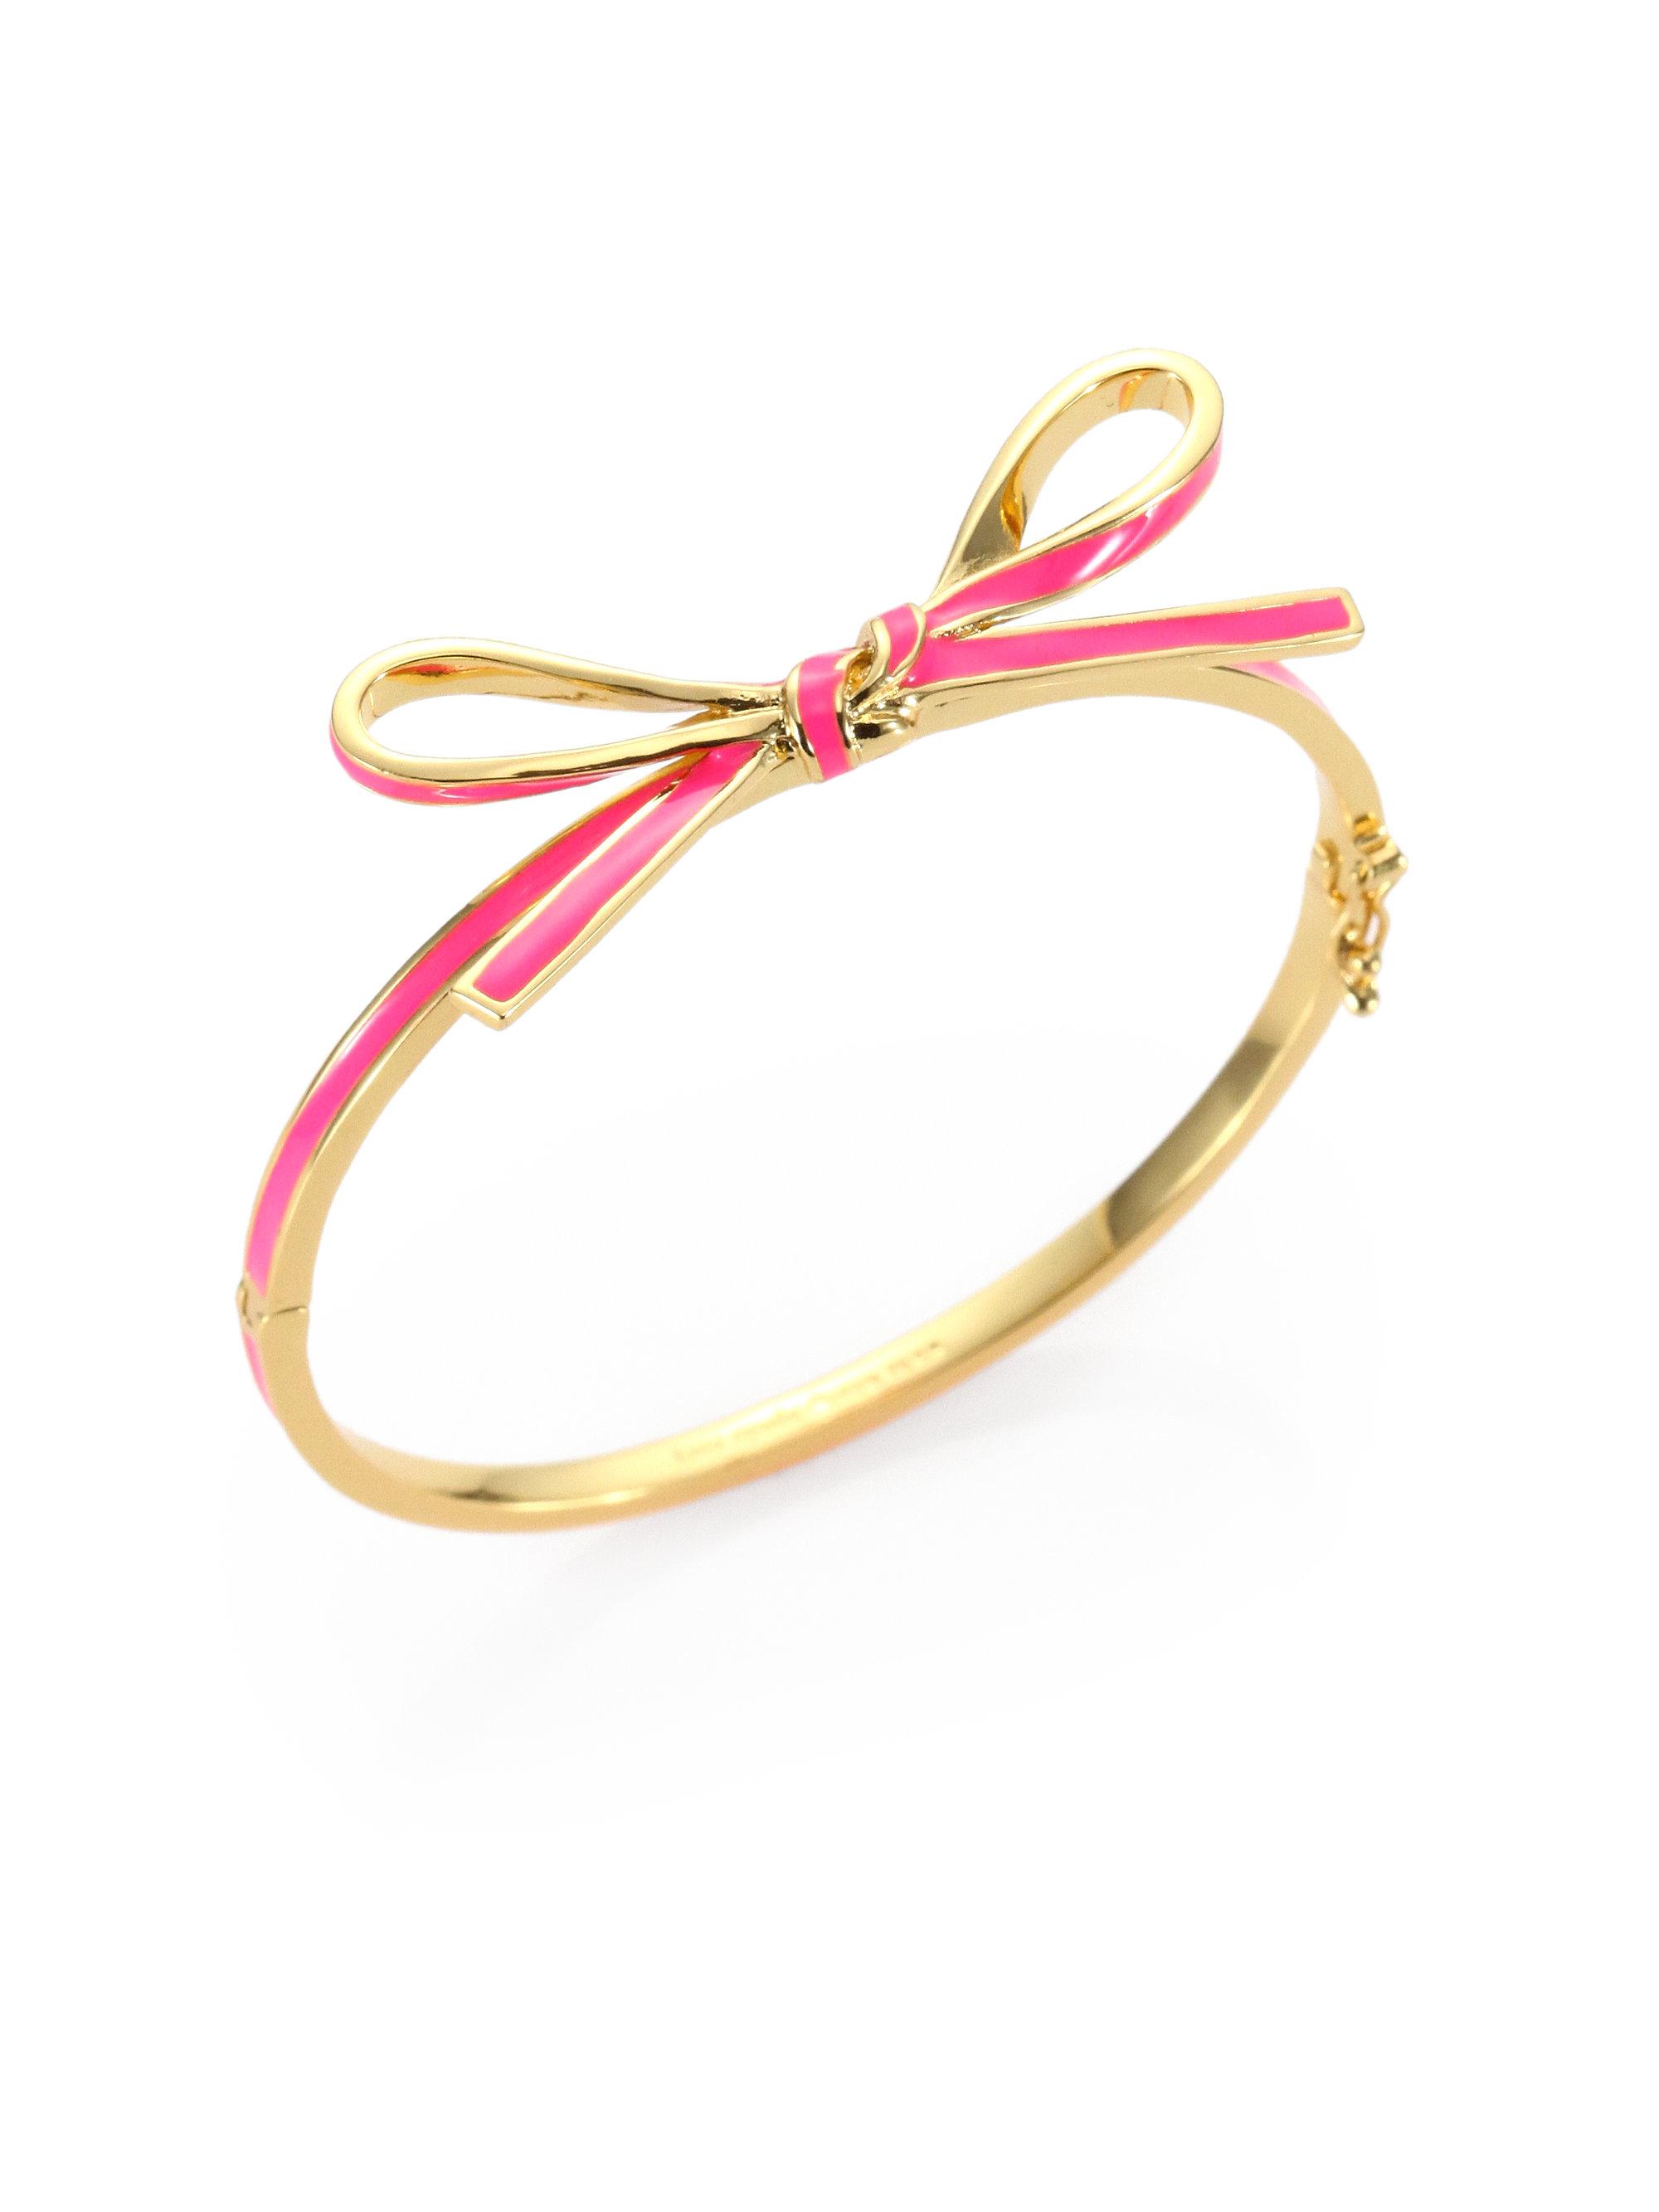 Kate Spade Skinny Mini Enamel Bow Bangle Bracelet In Pink